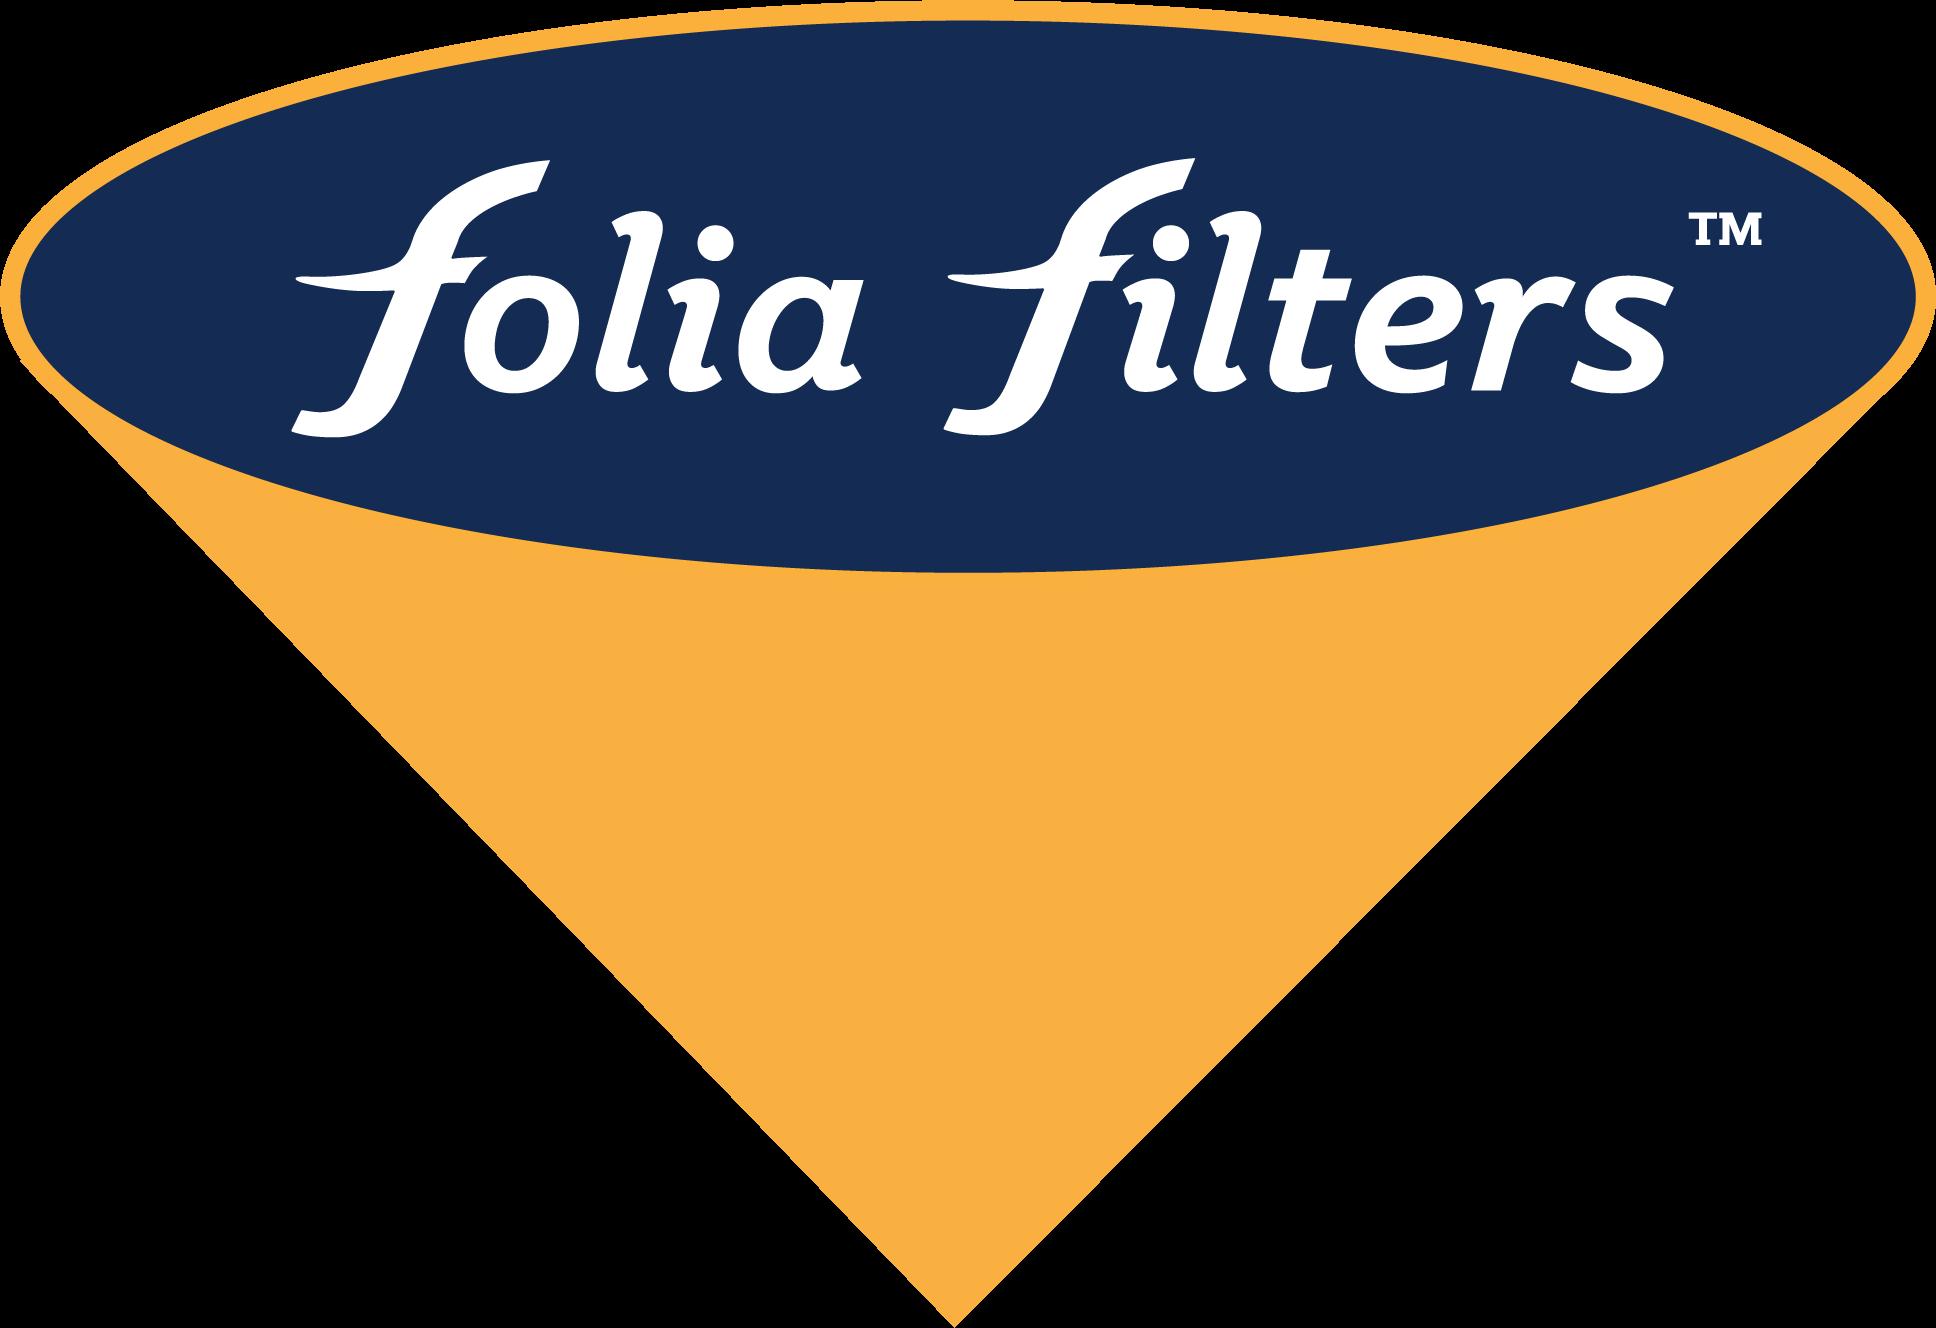 Folia_filters@4x.png